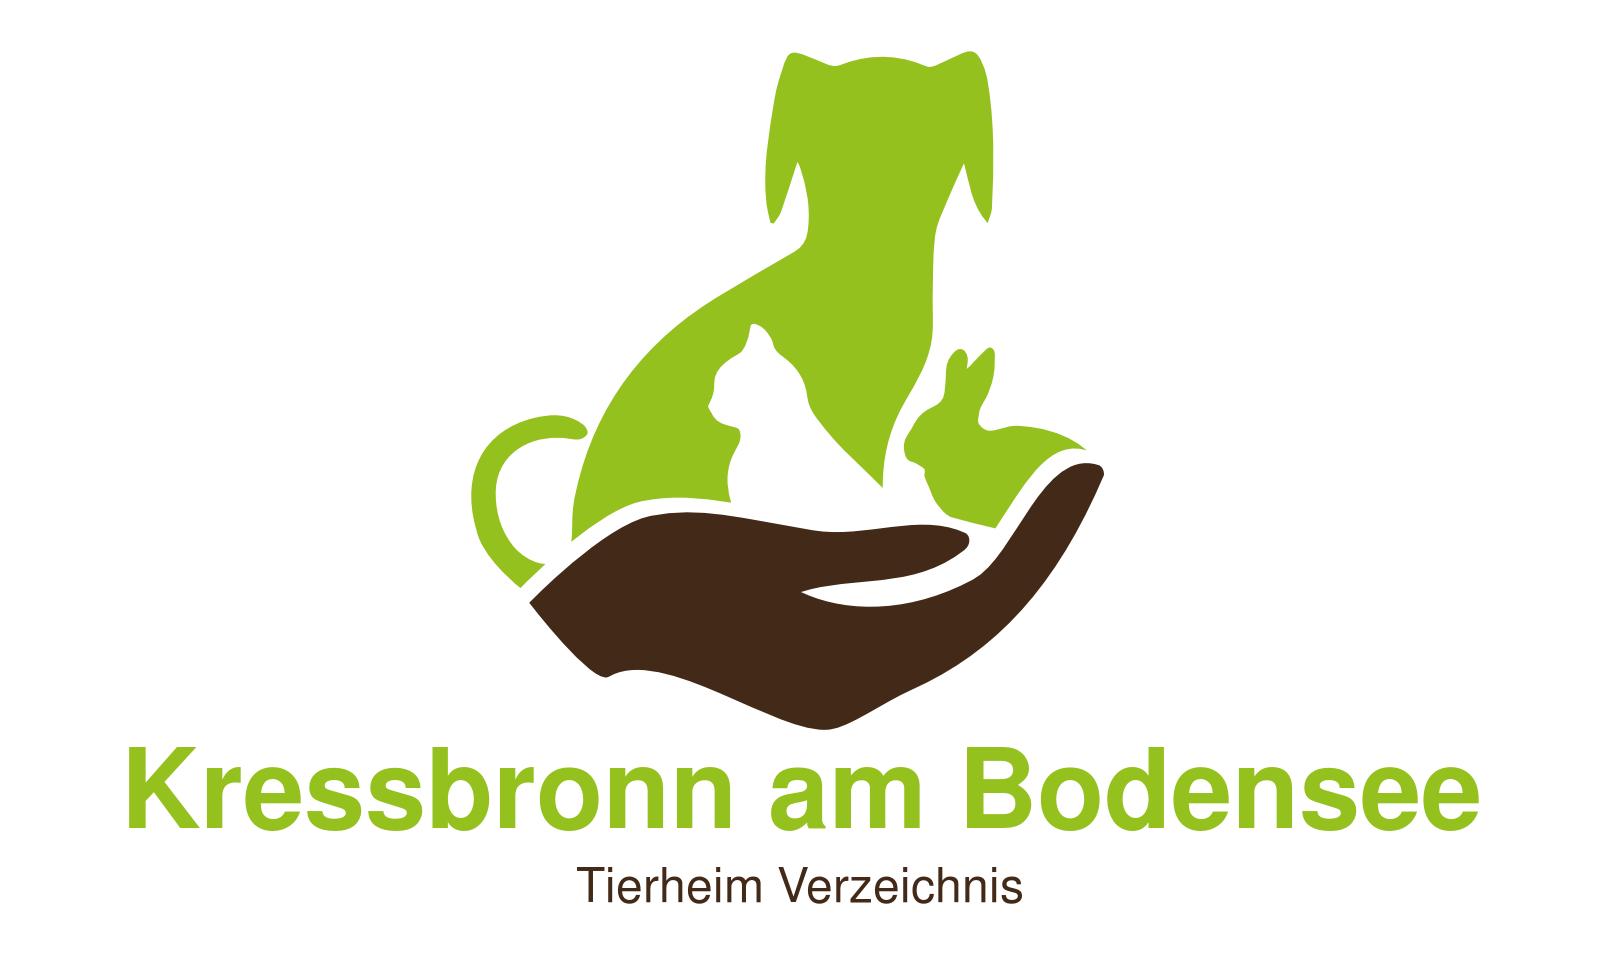 Tierheim Kressbronn am Bodensee